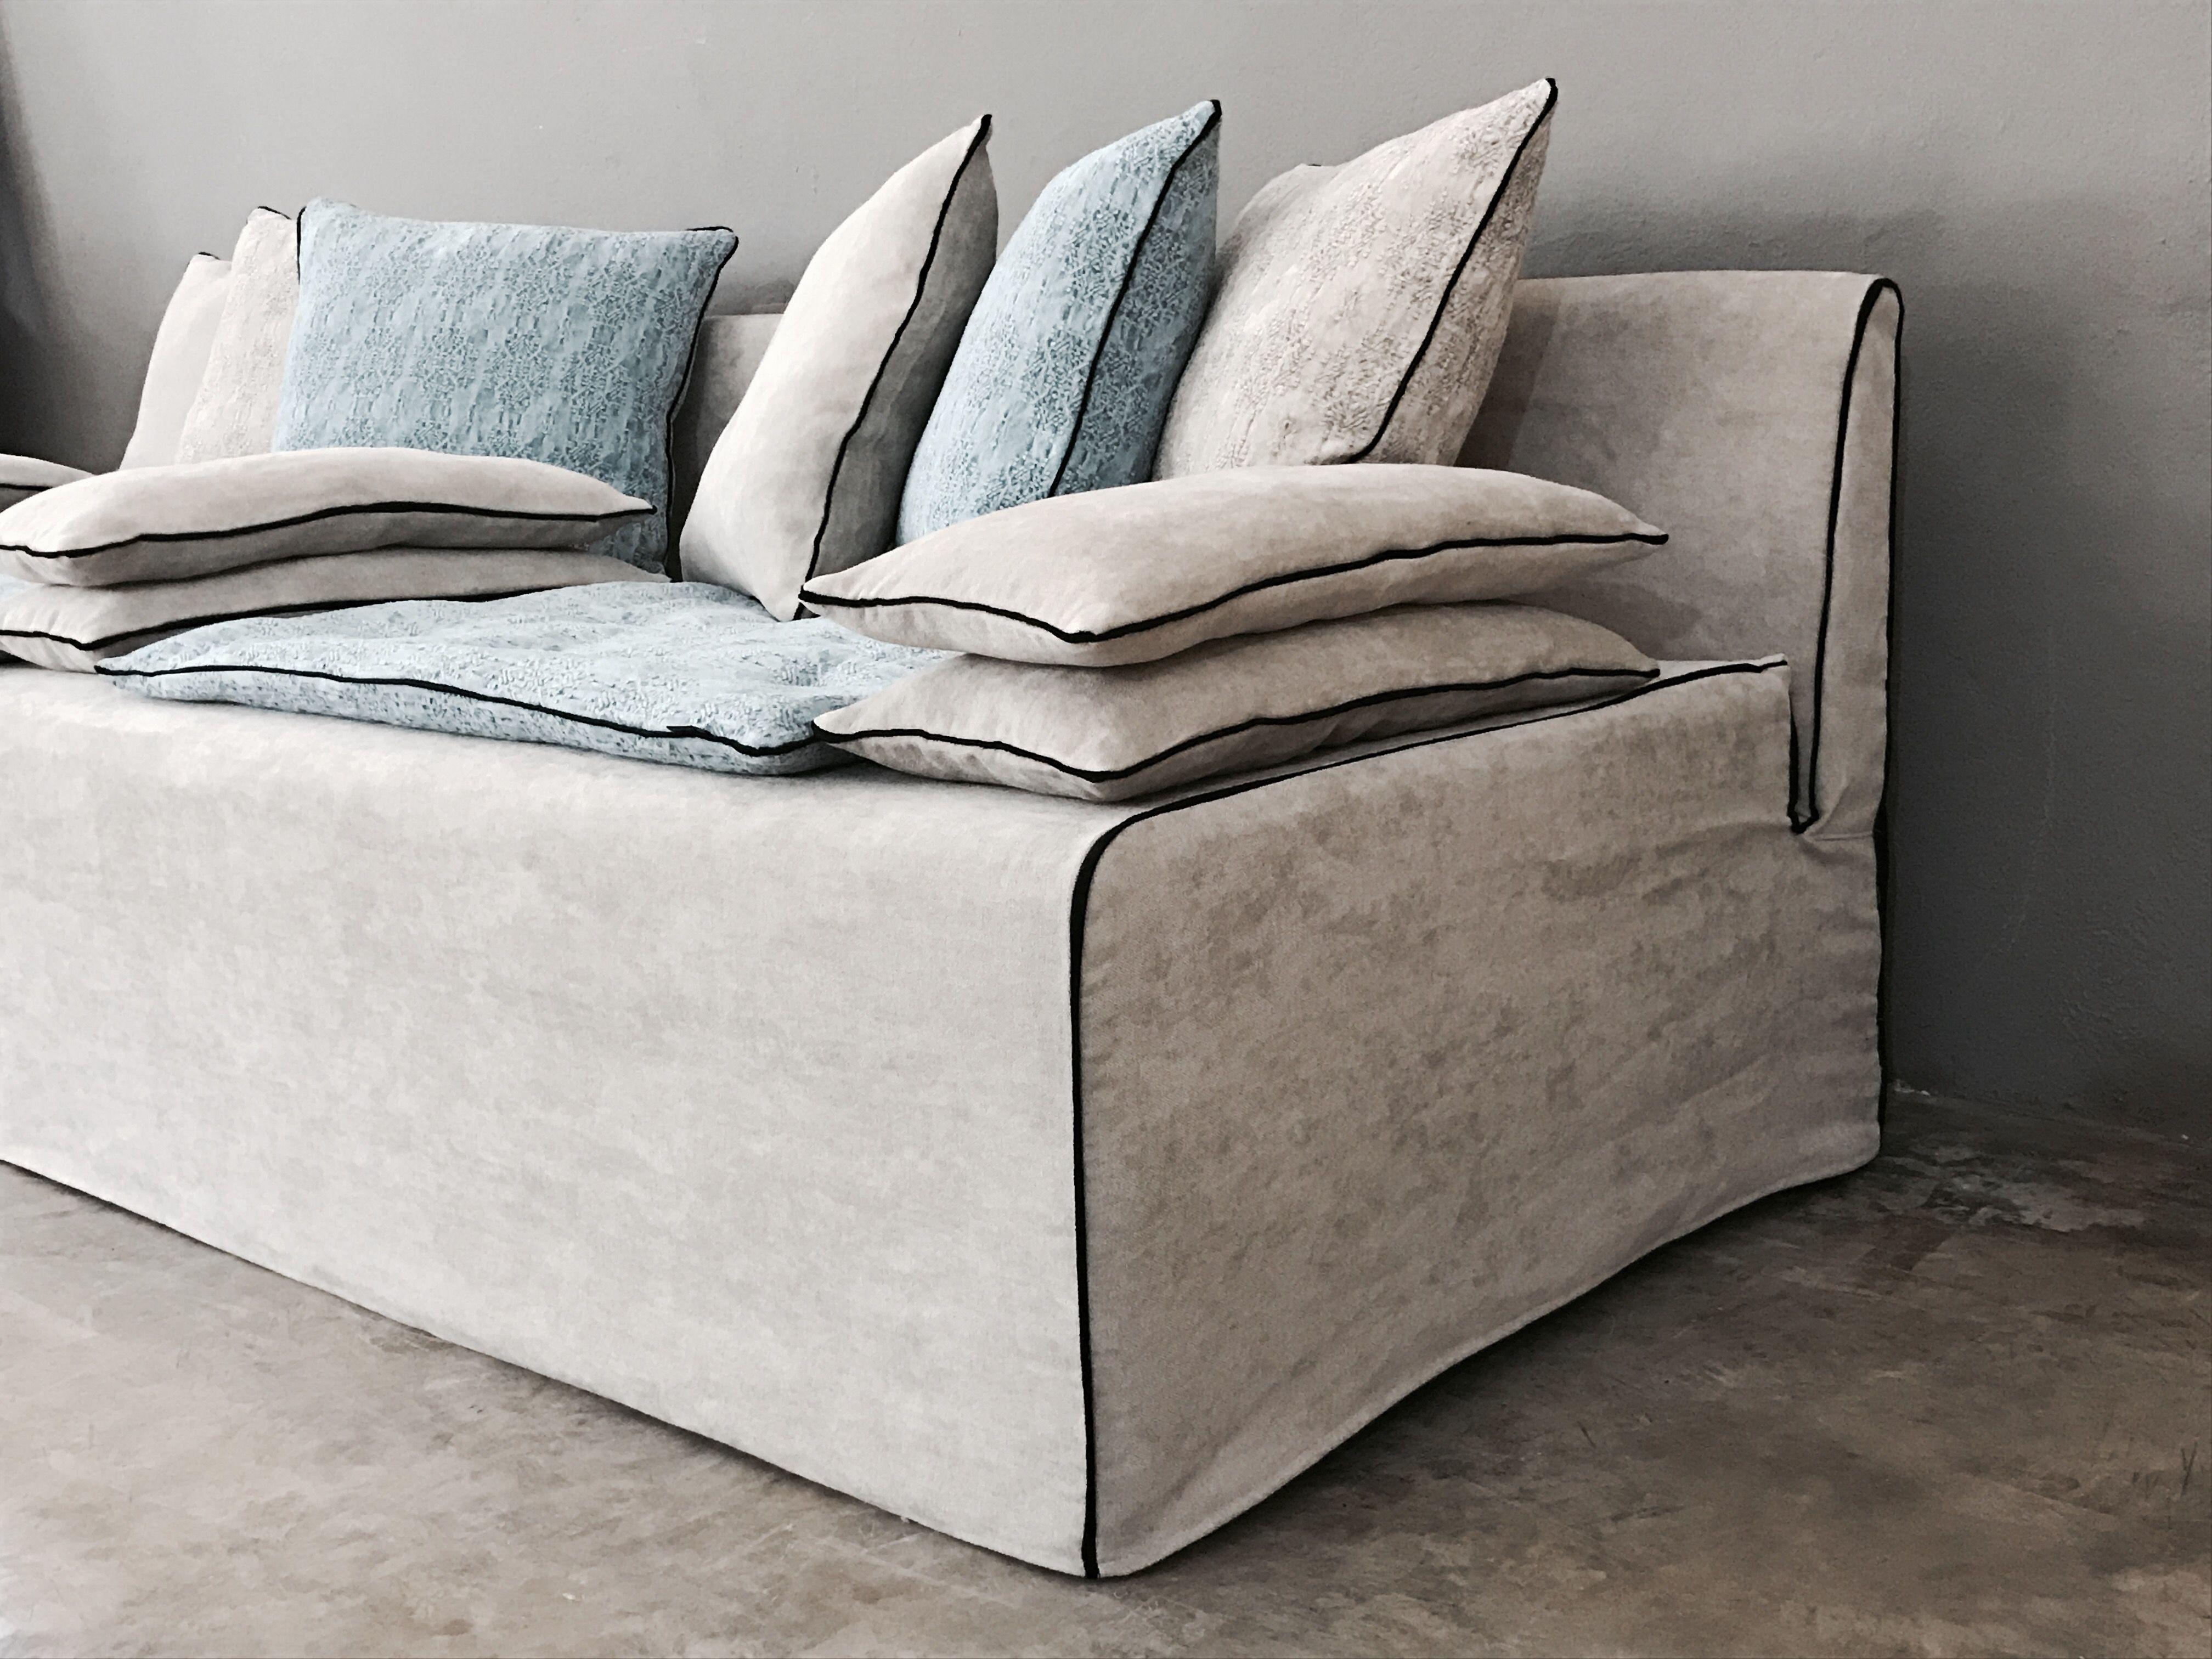 Canapé sur mesure Sacha lin lavé blanc ciment et lin lavé bleu ciel ...